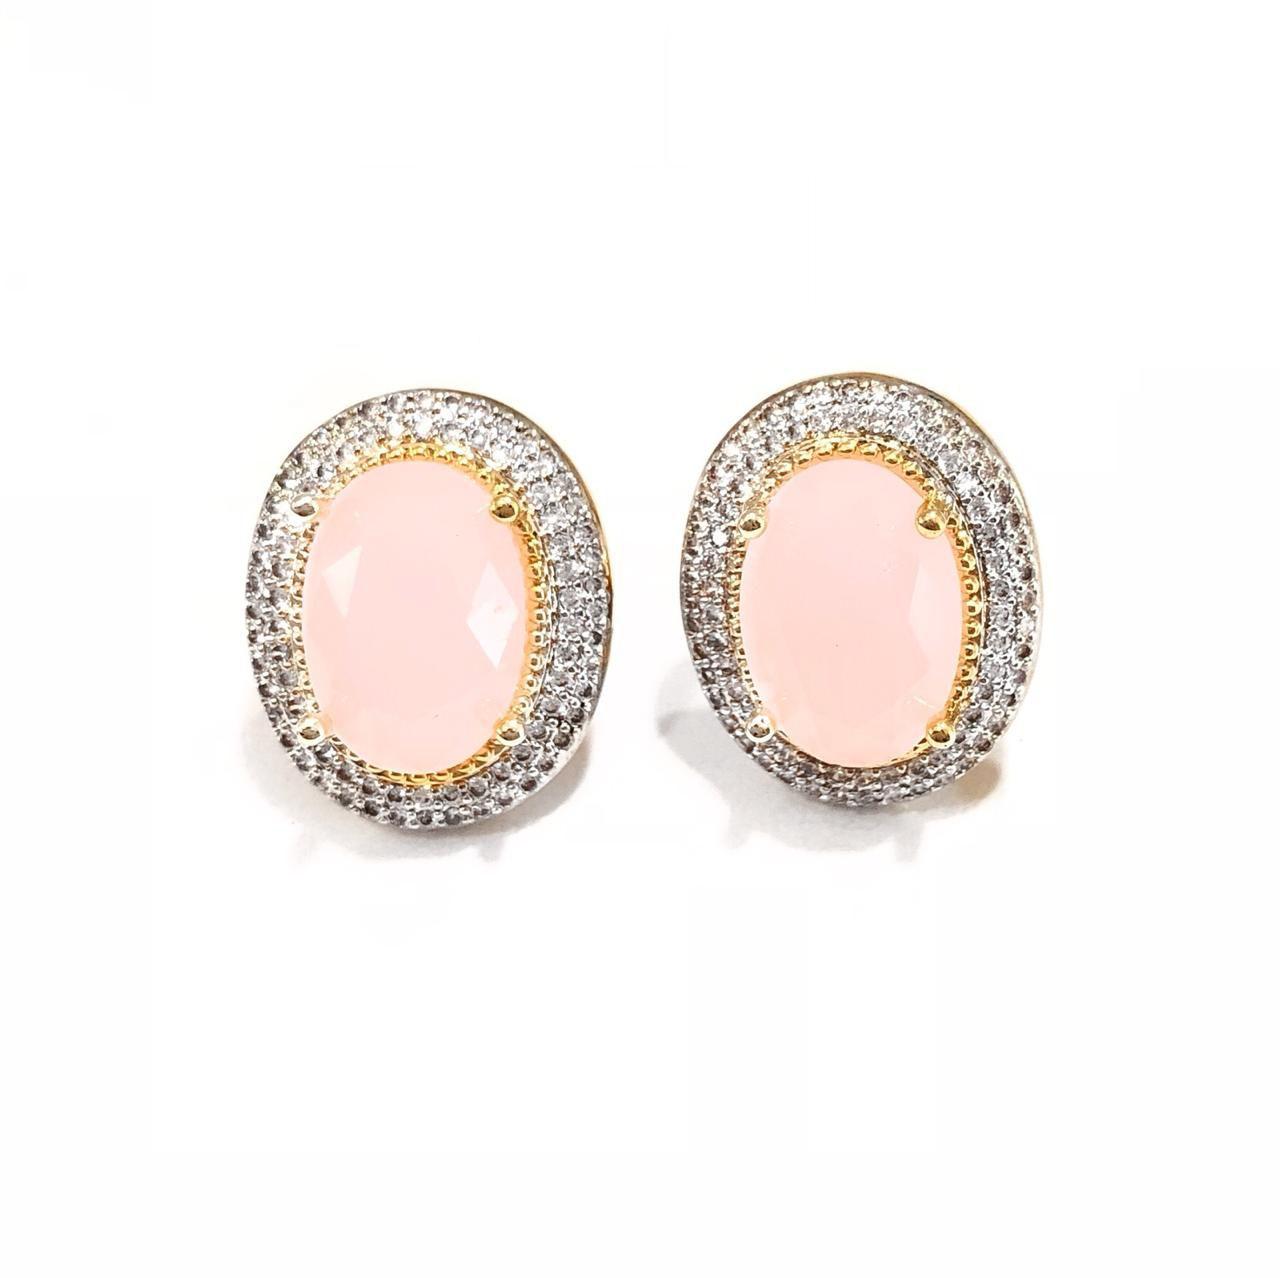 Brinco Zircônias Branca E Cristal Rosa Banho Em Ouro 18K